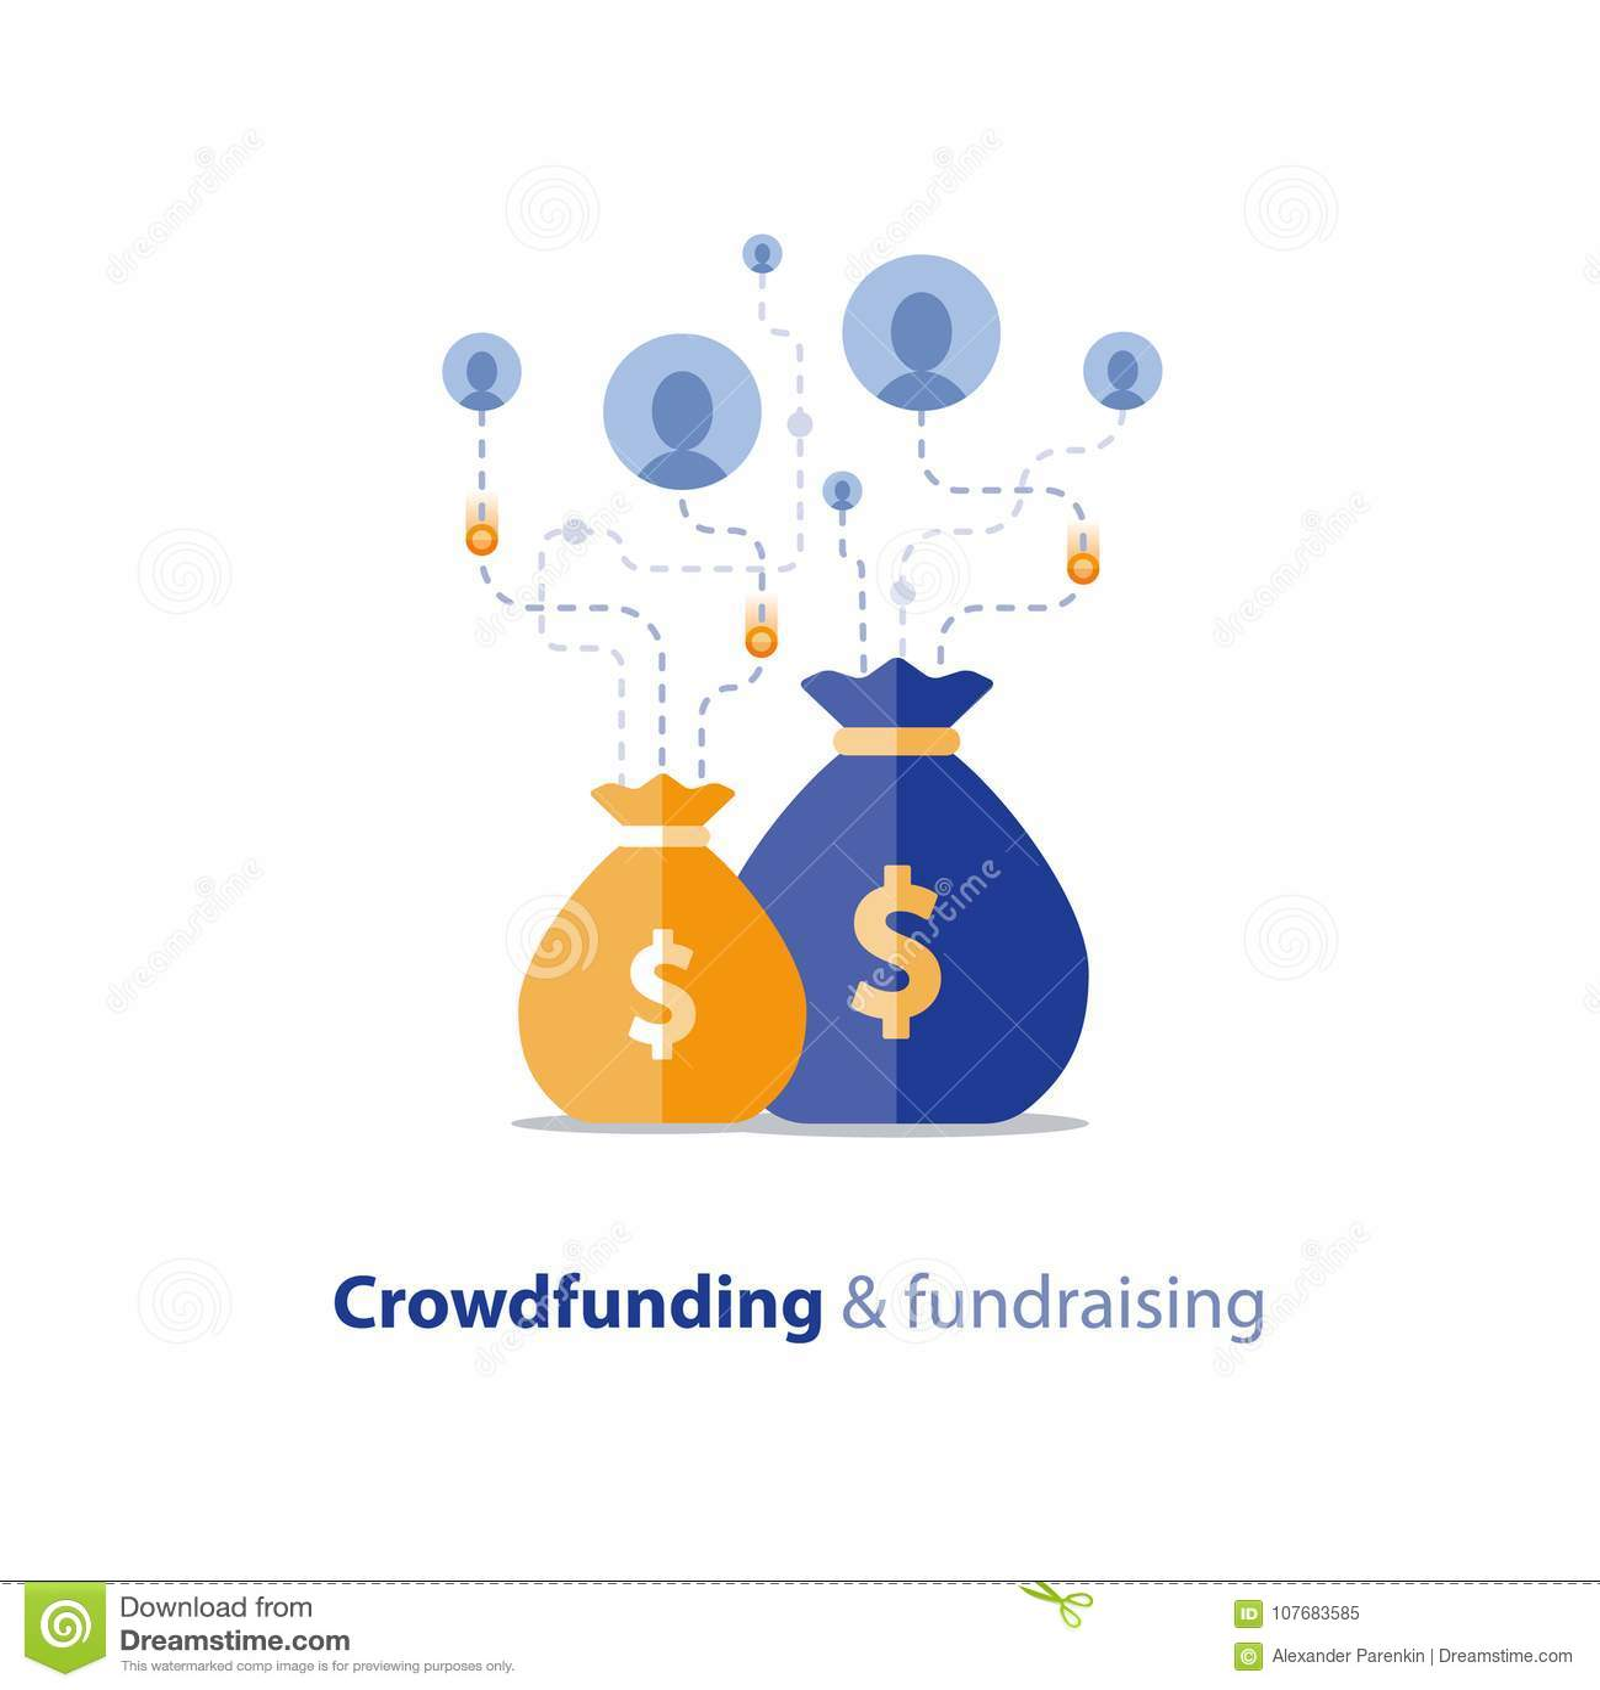 Campagne de collecte de fonds, concept crowdfunding, donation de charité, illustration de vecteur